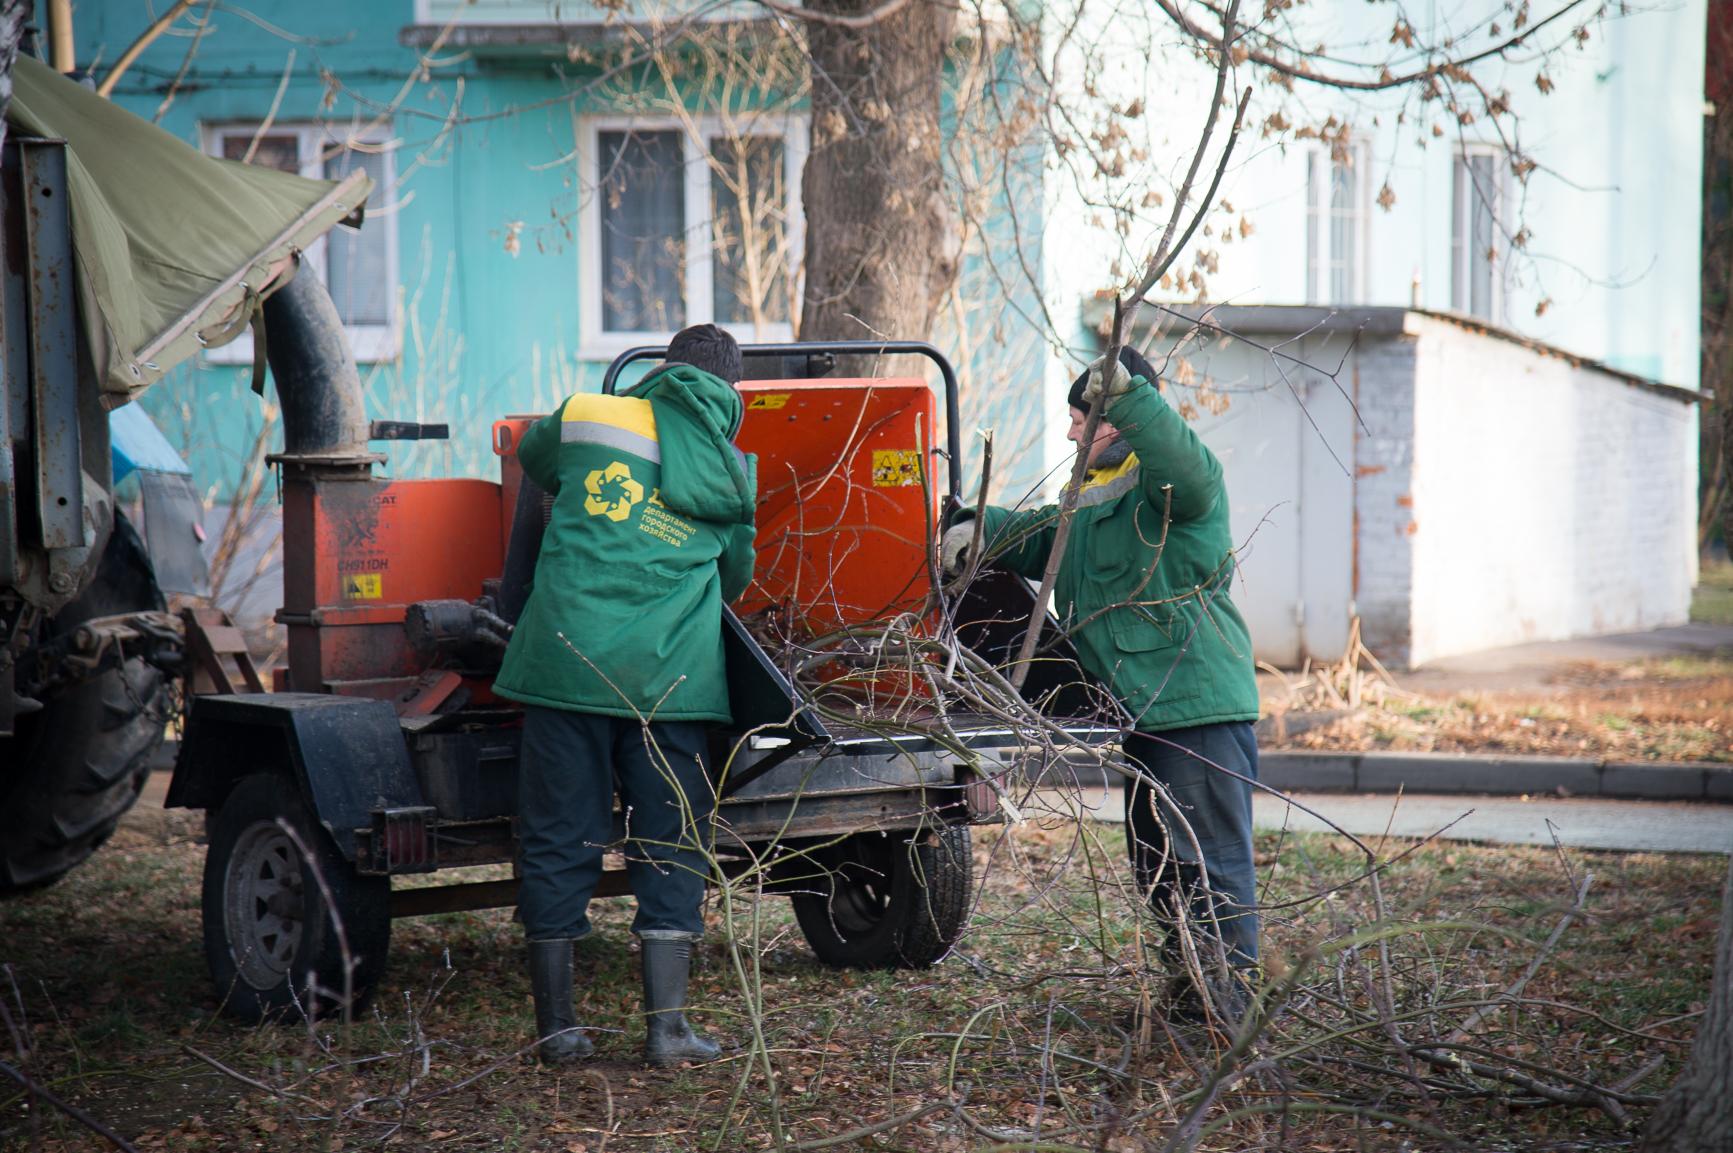 Активная пора кронирования деревьев наступила для коломенских коммунальщиков